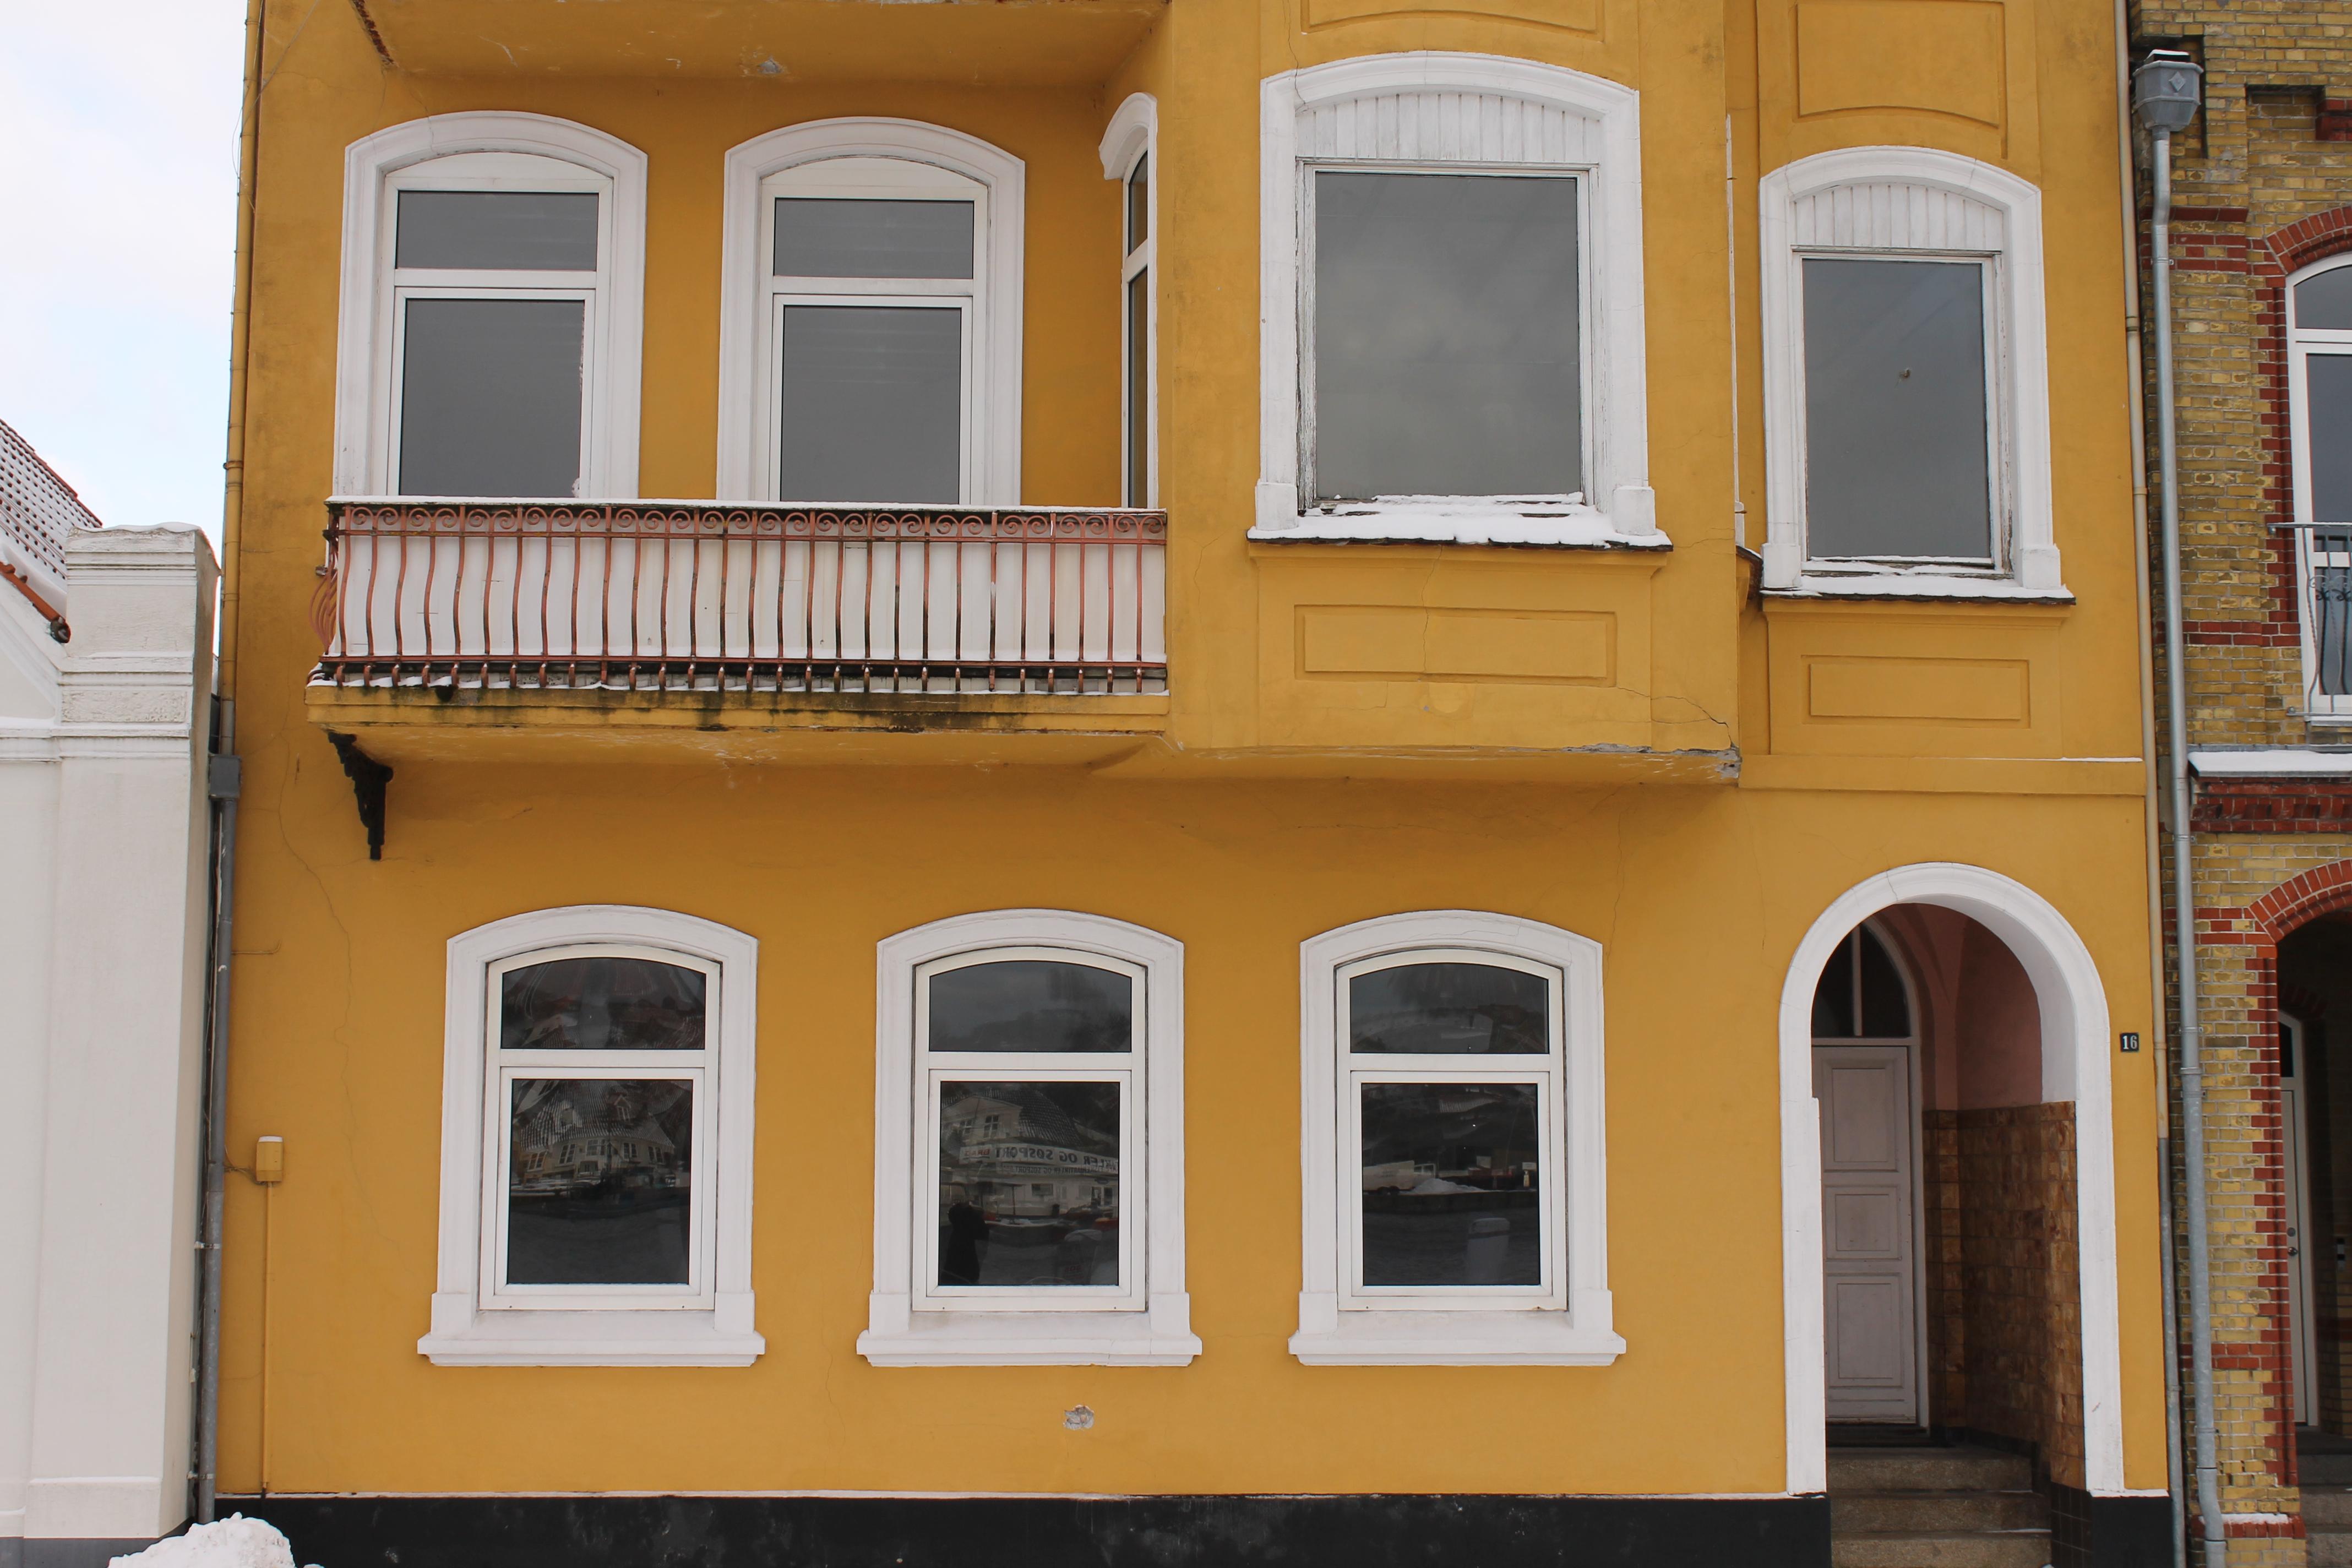 vinduer til en gammel bygning